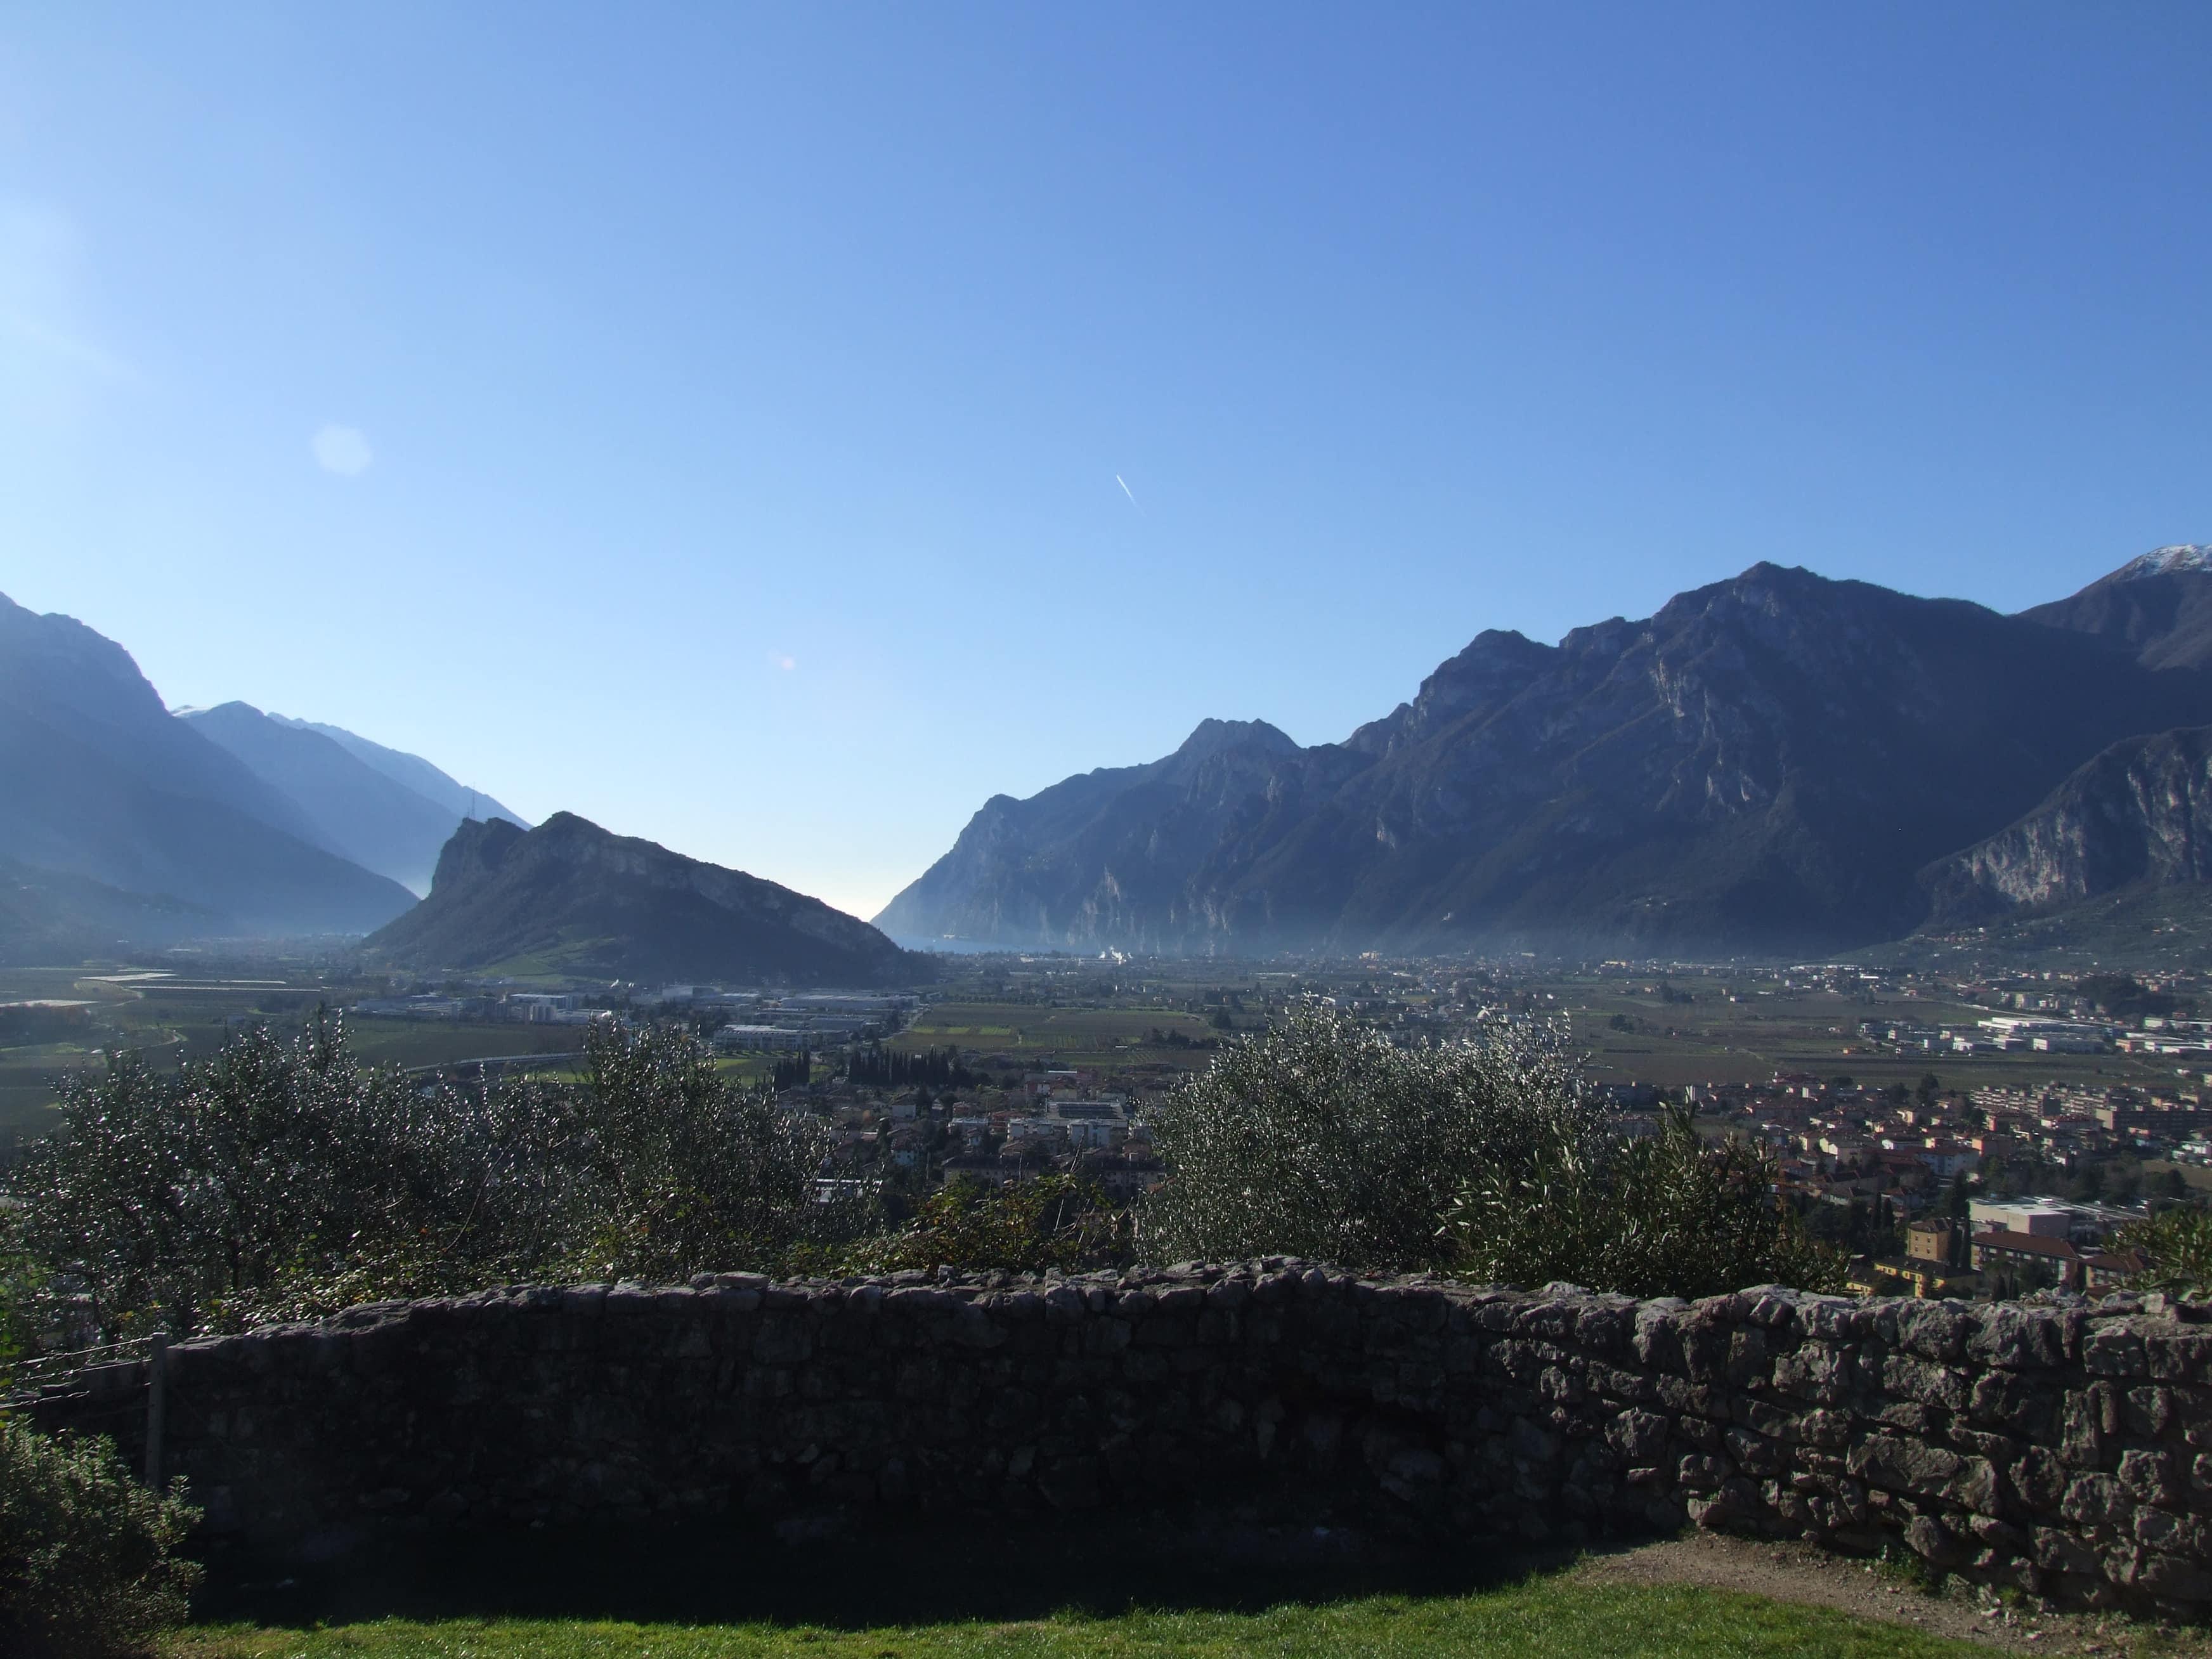 La vista dal Castello di Arco - credits: www.ptatofriendly.com